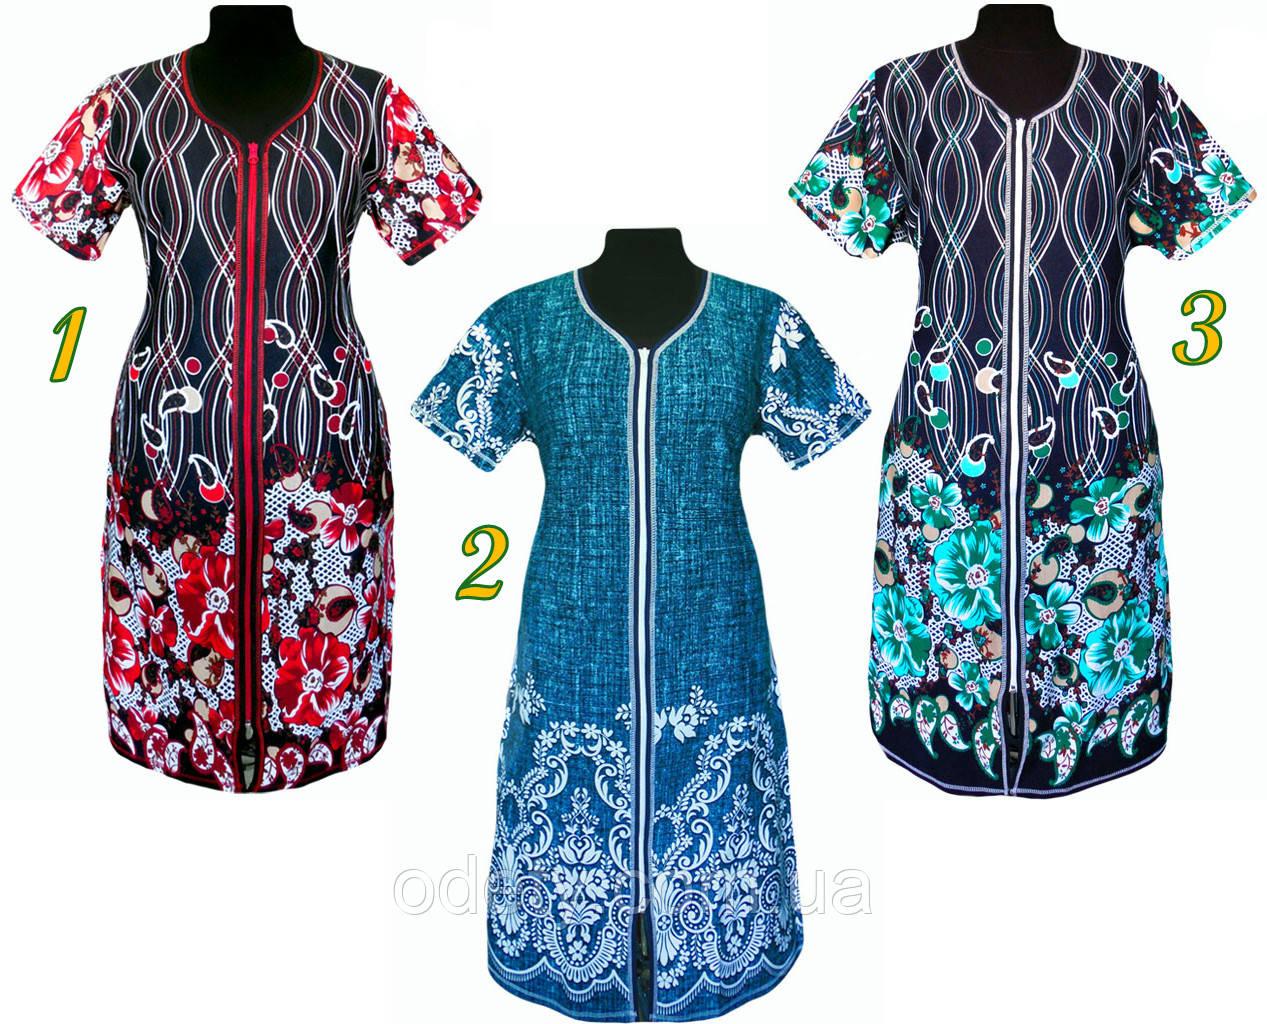 d6951ea58c2fa Красивый женский халат. Женский летний халат больших размеров.Халат летний  домашний. - Интернет